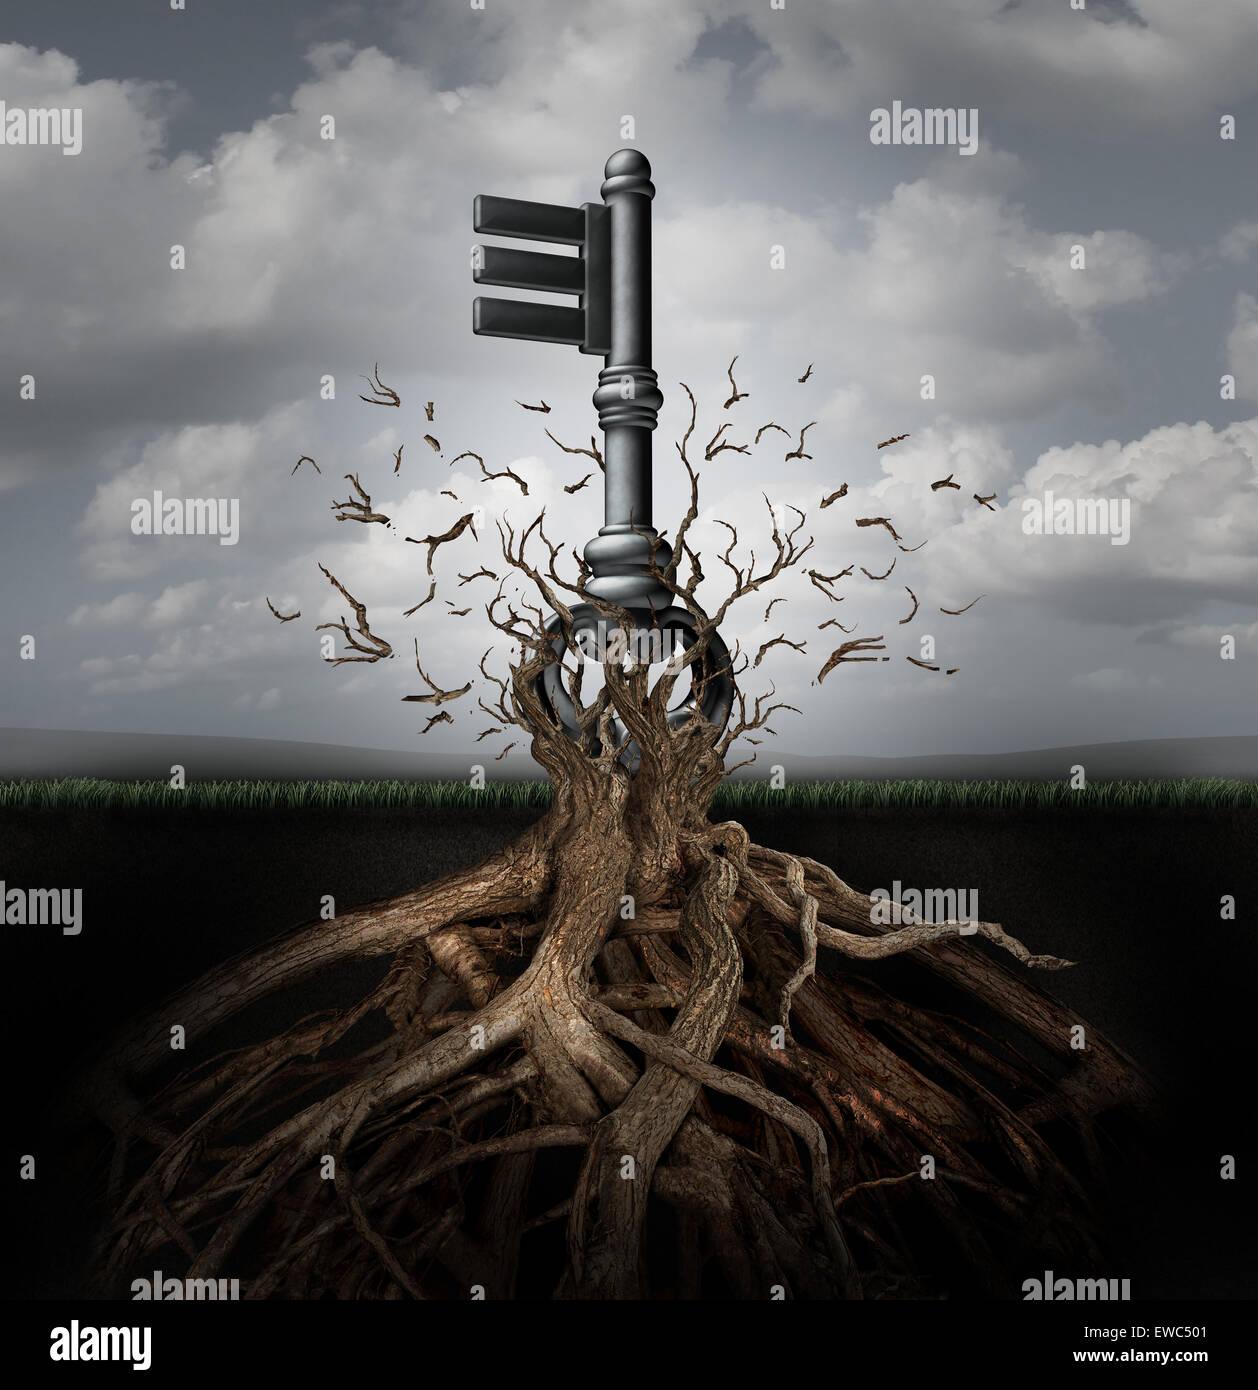 Concept de la solution comme une vieille clé générique émergeant d'un arbre comme une métaphore Photo Stock